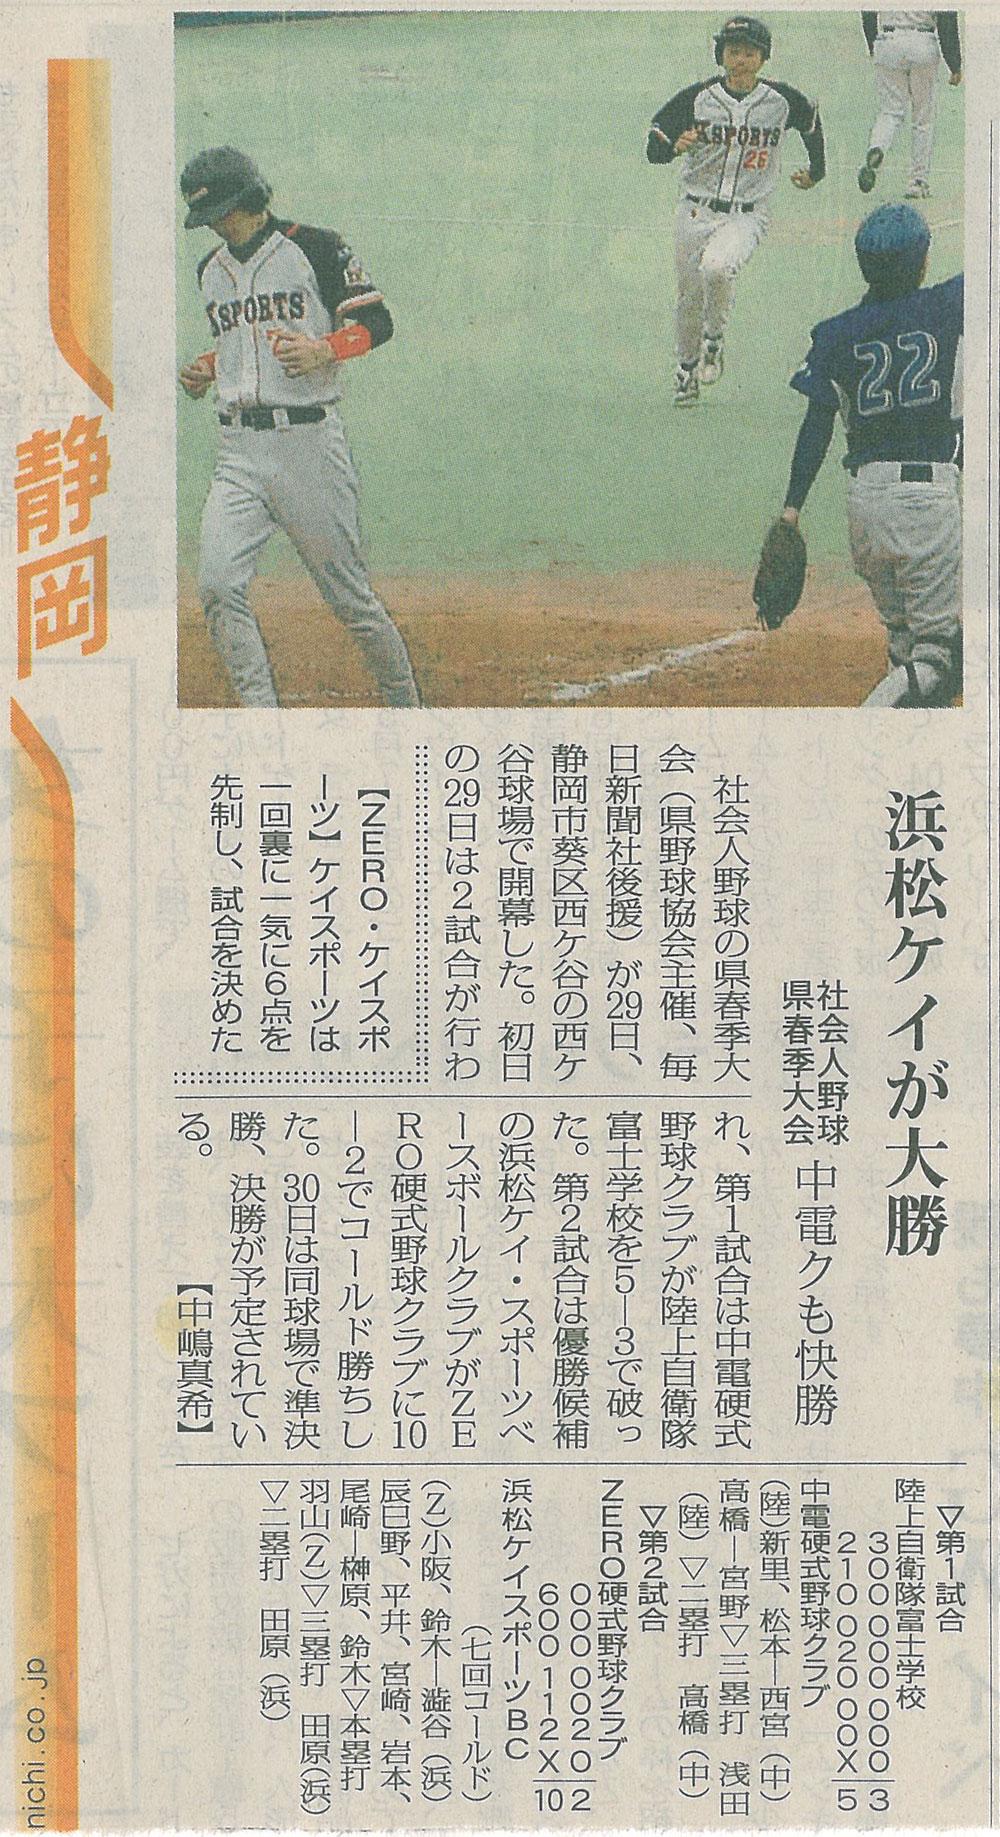 社会人野球県春季大会